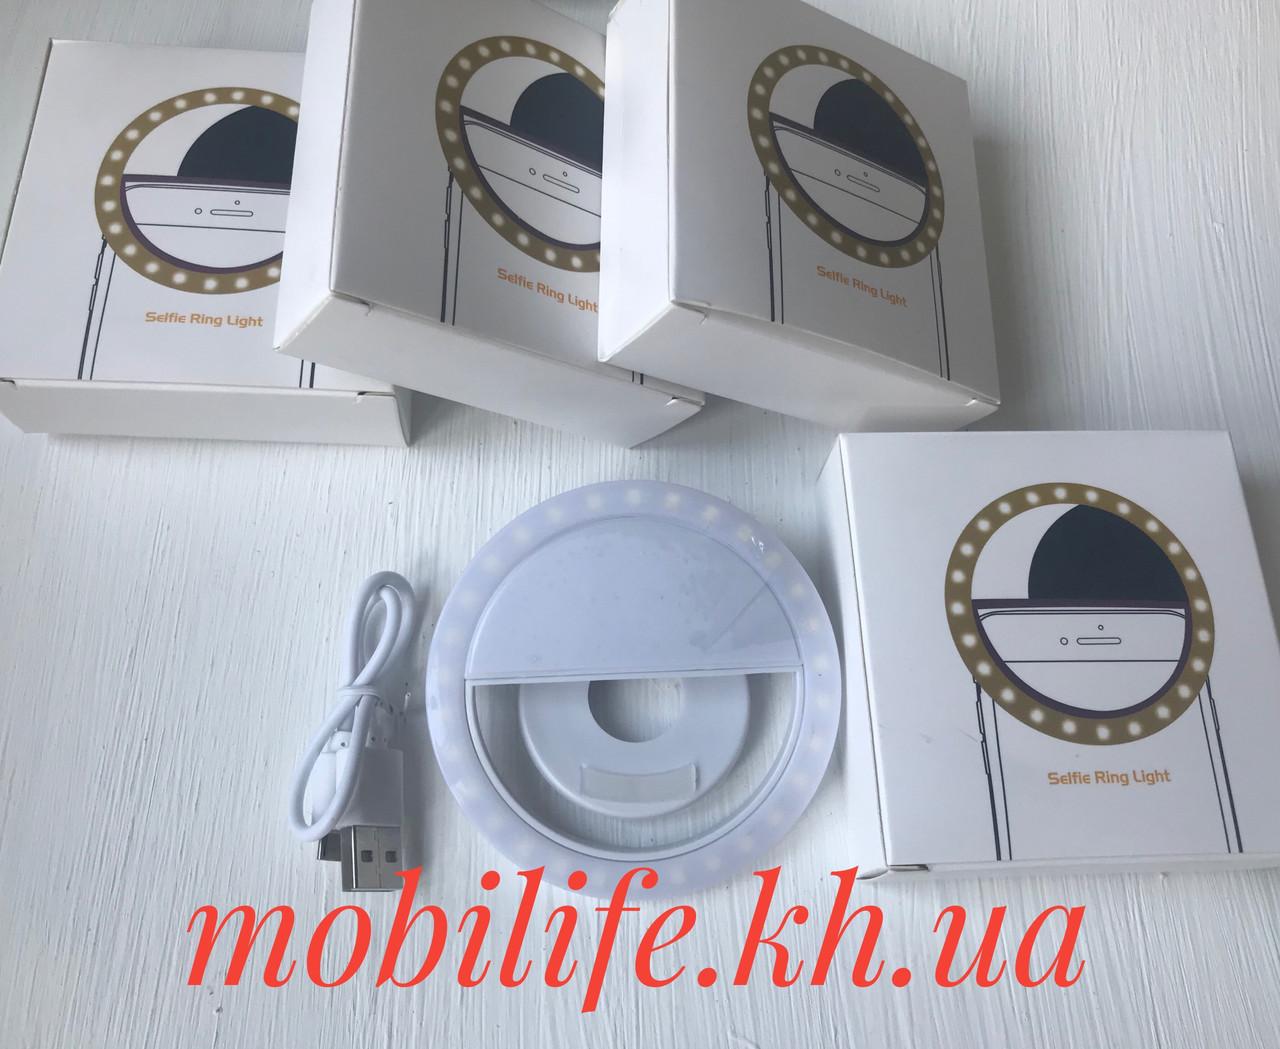 Selfie Ring Светодиодное кольцо для селфи/3 режима/Белый!